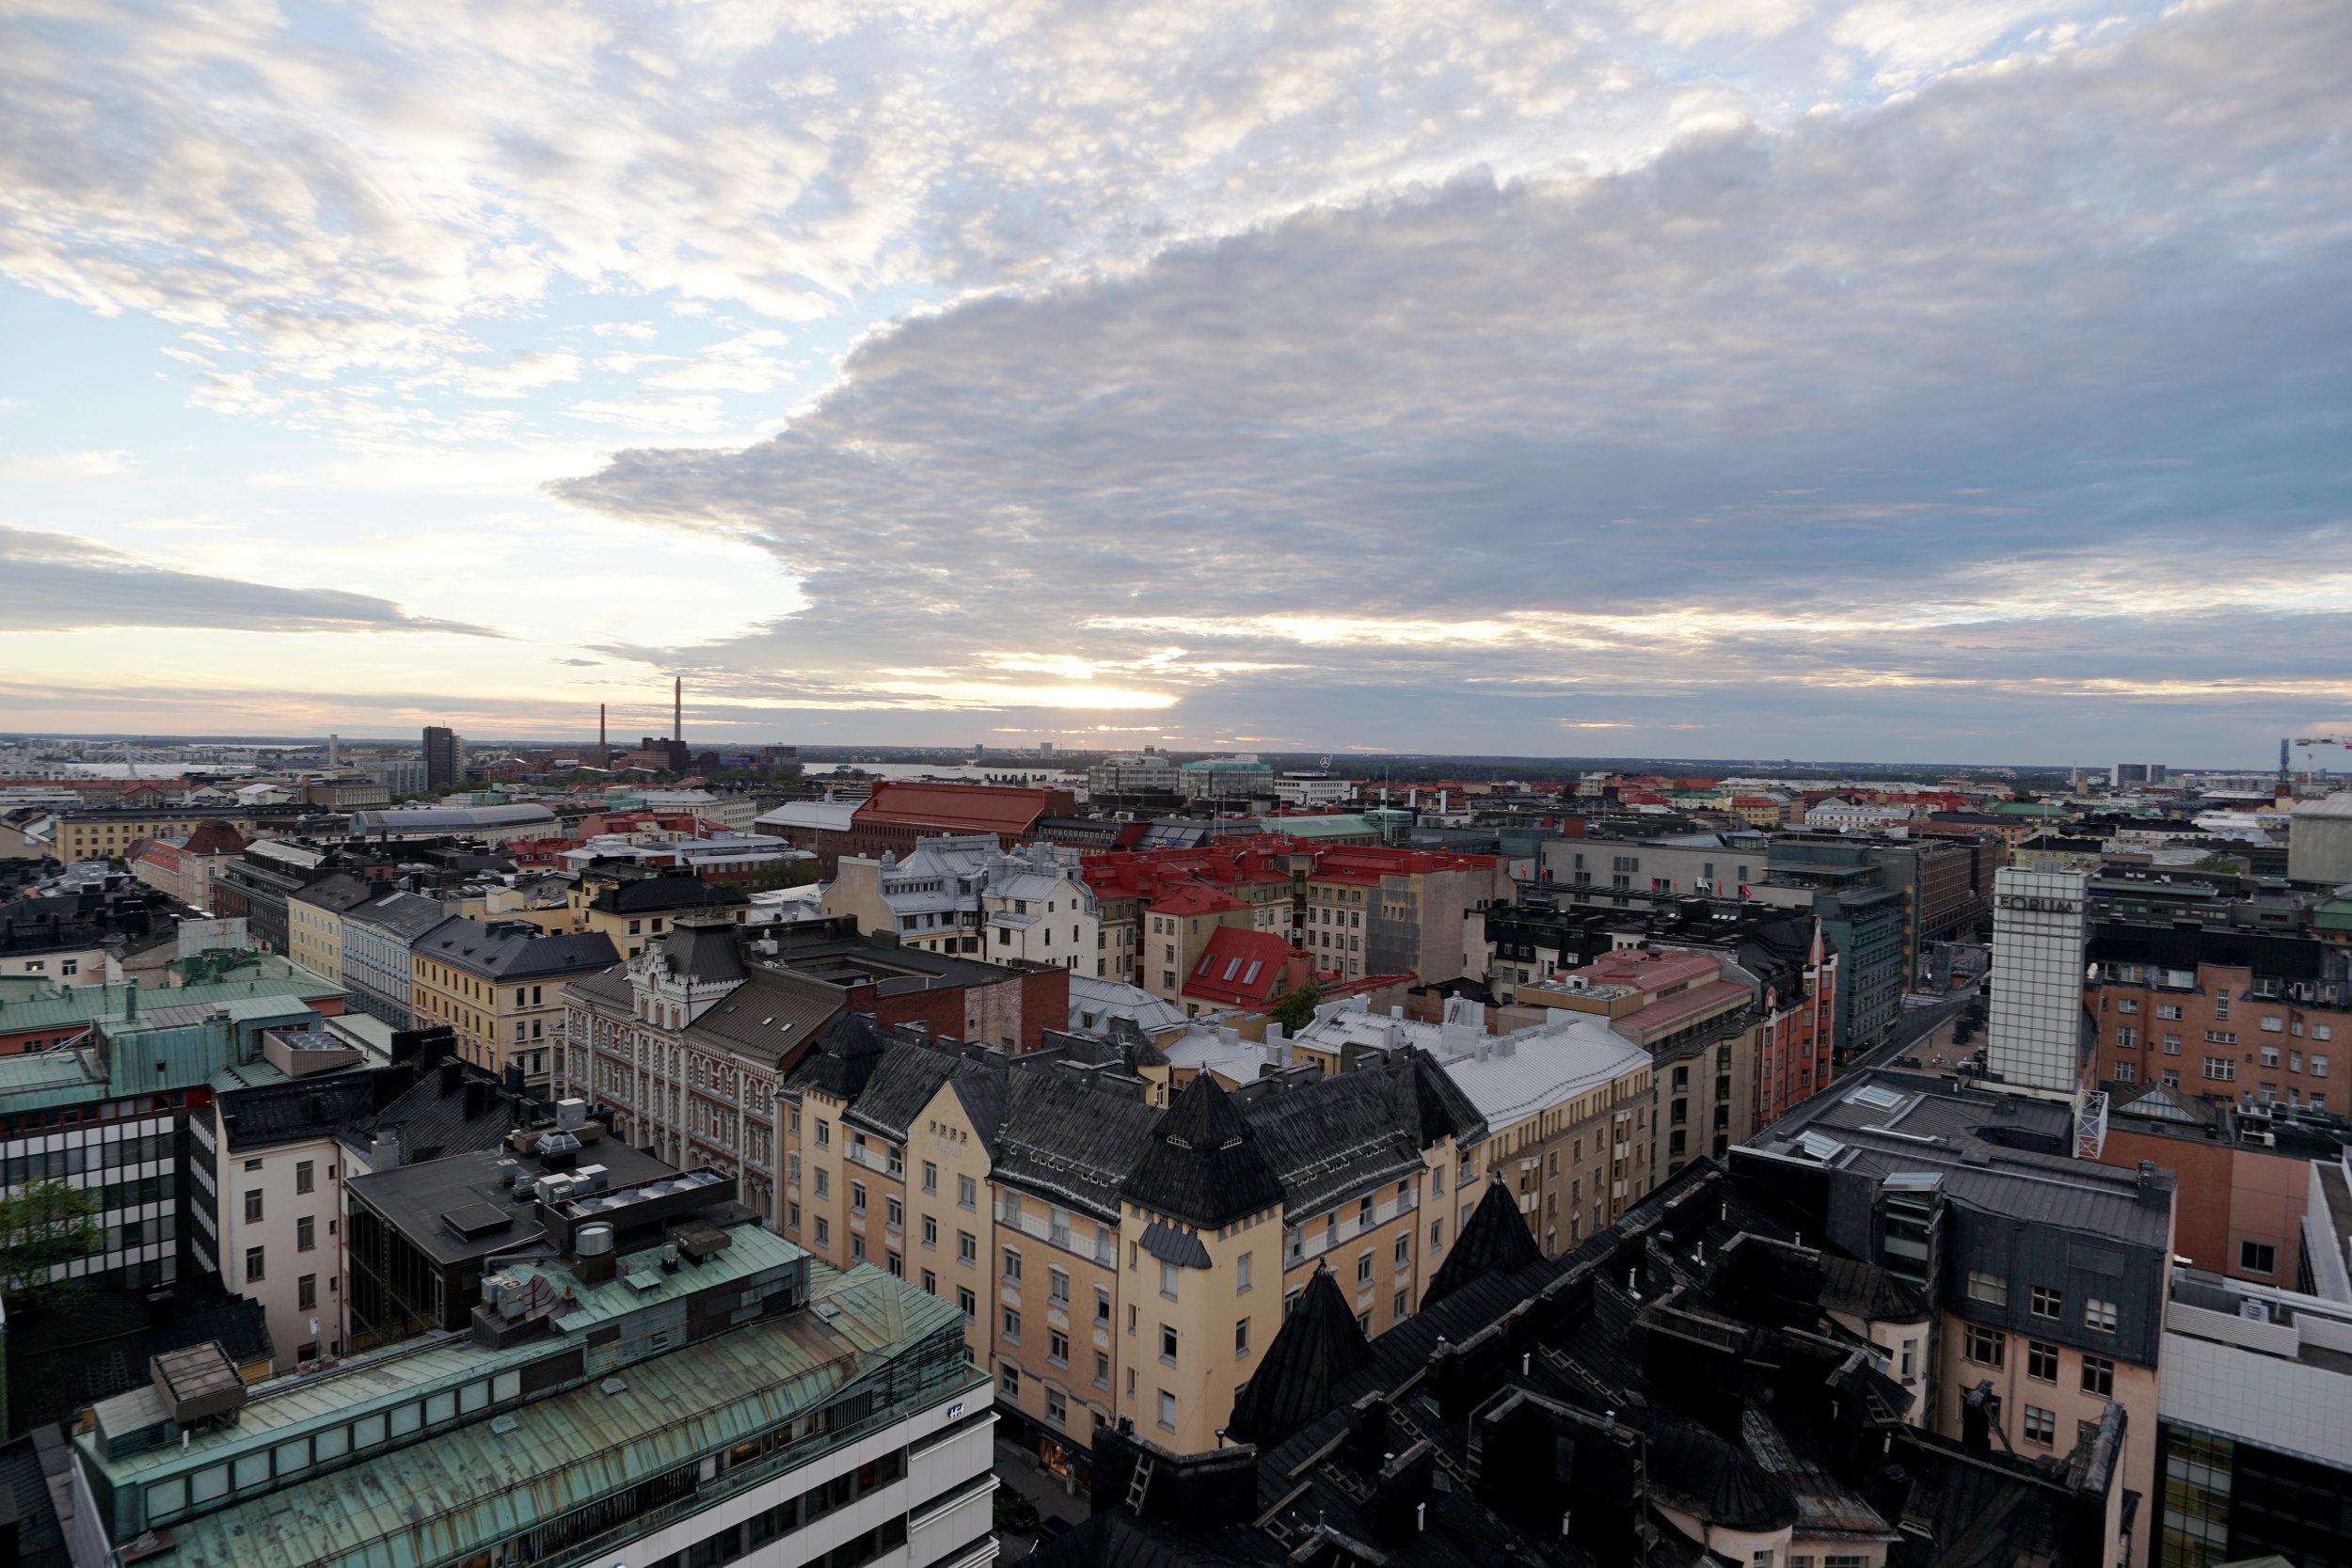 360 view of Helsinki